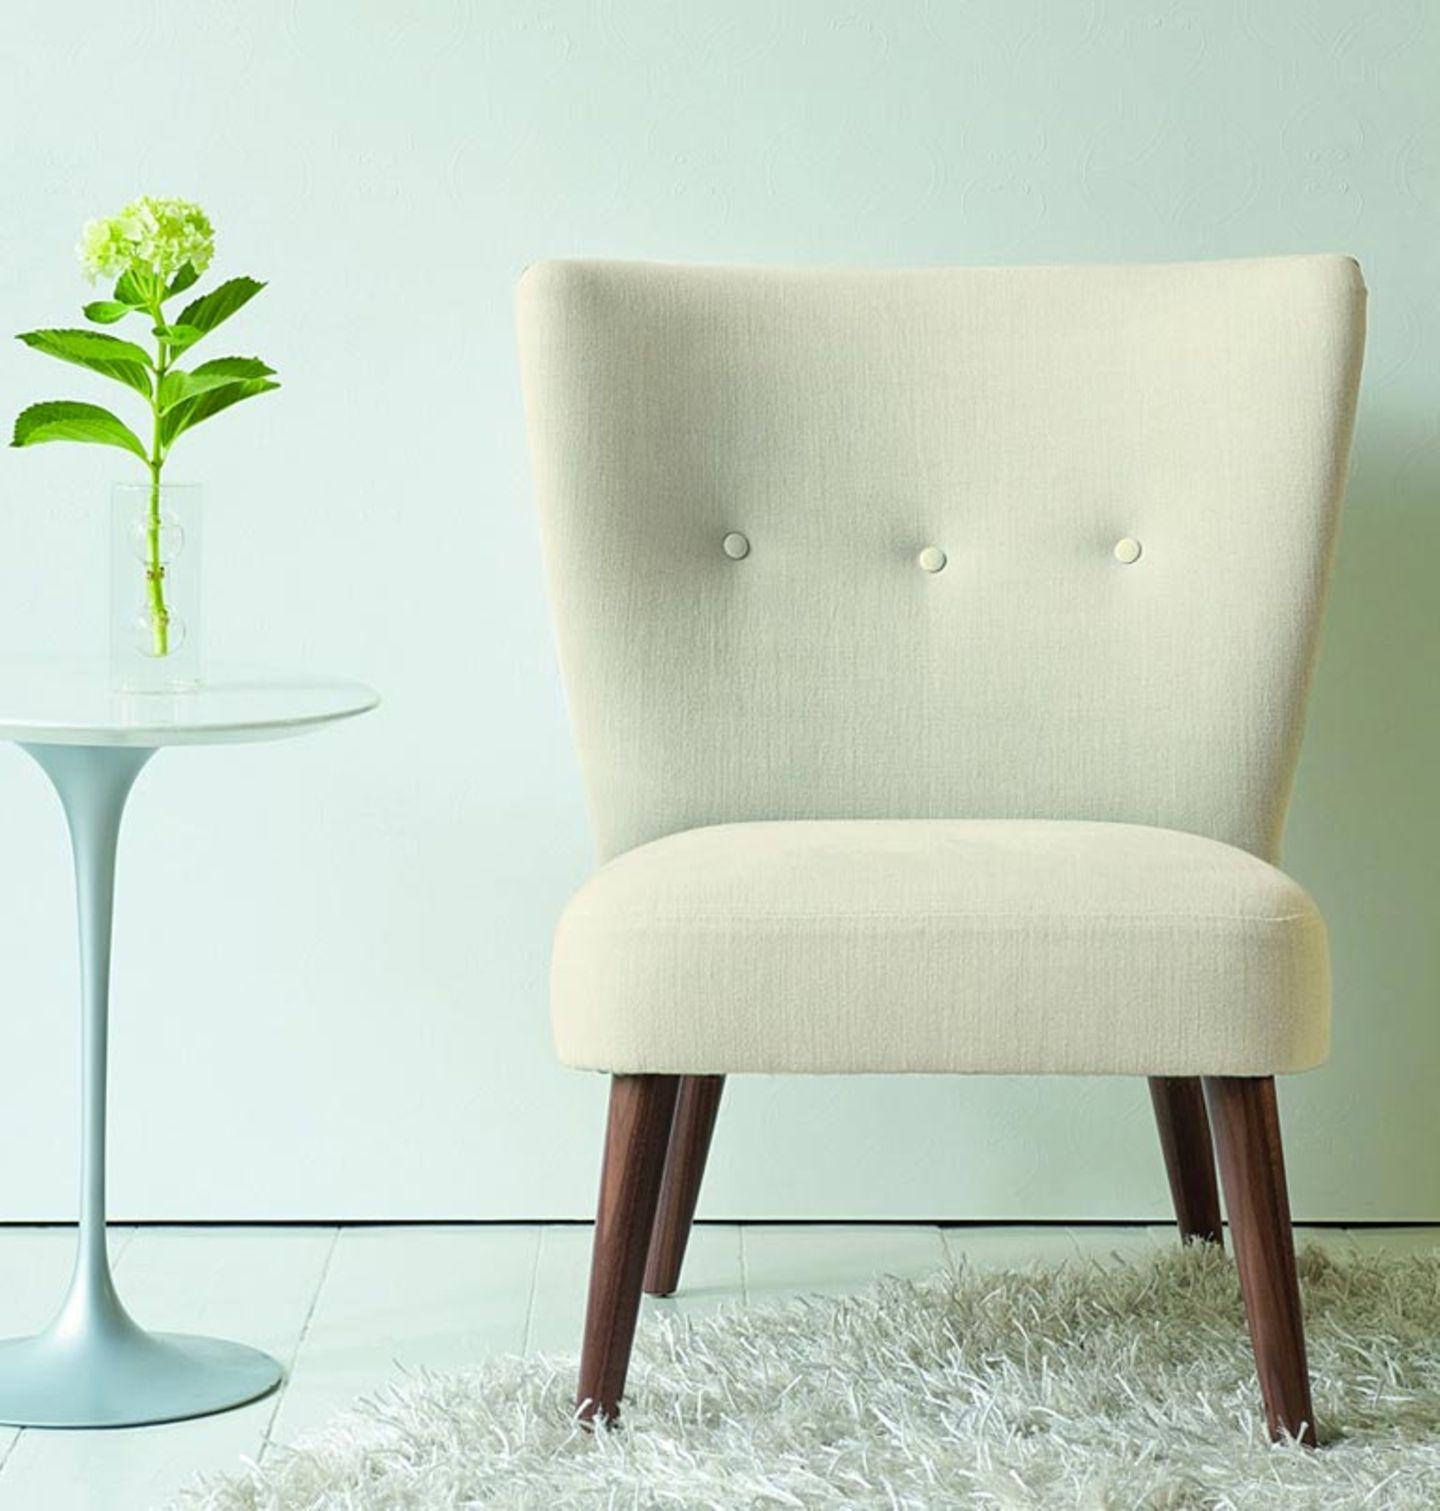 Grazile Cocktailsessel und Pastelltöne passen perfekt zusammen